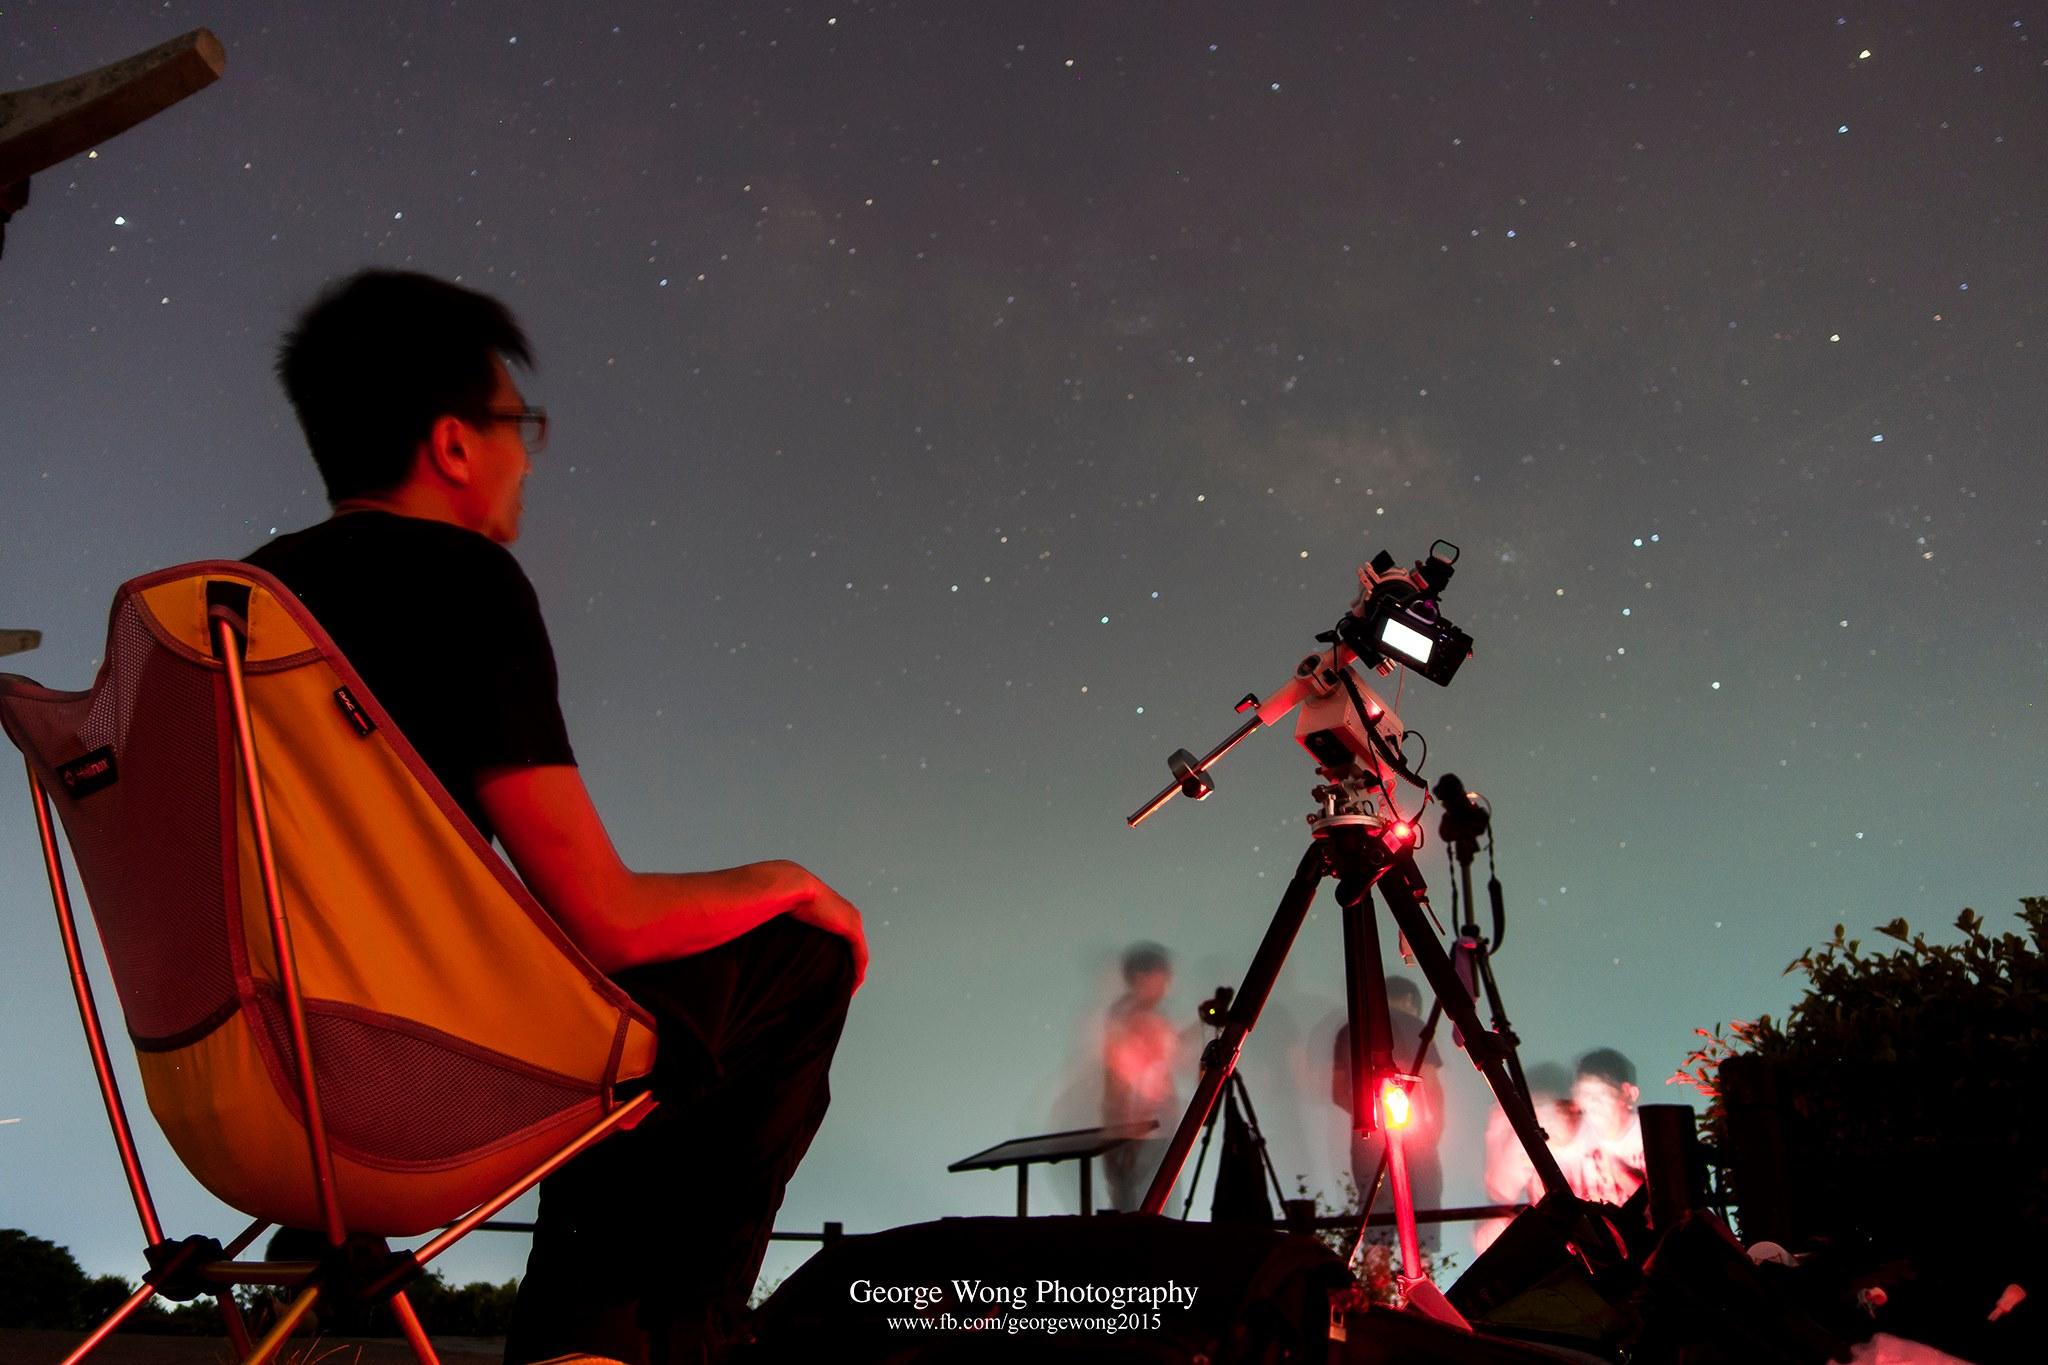 星途15 – 中型追星儀Kenko Skymemo RS 入手 – 2014 Dec